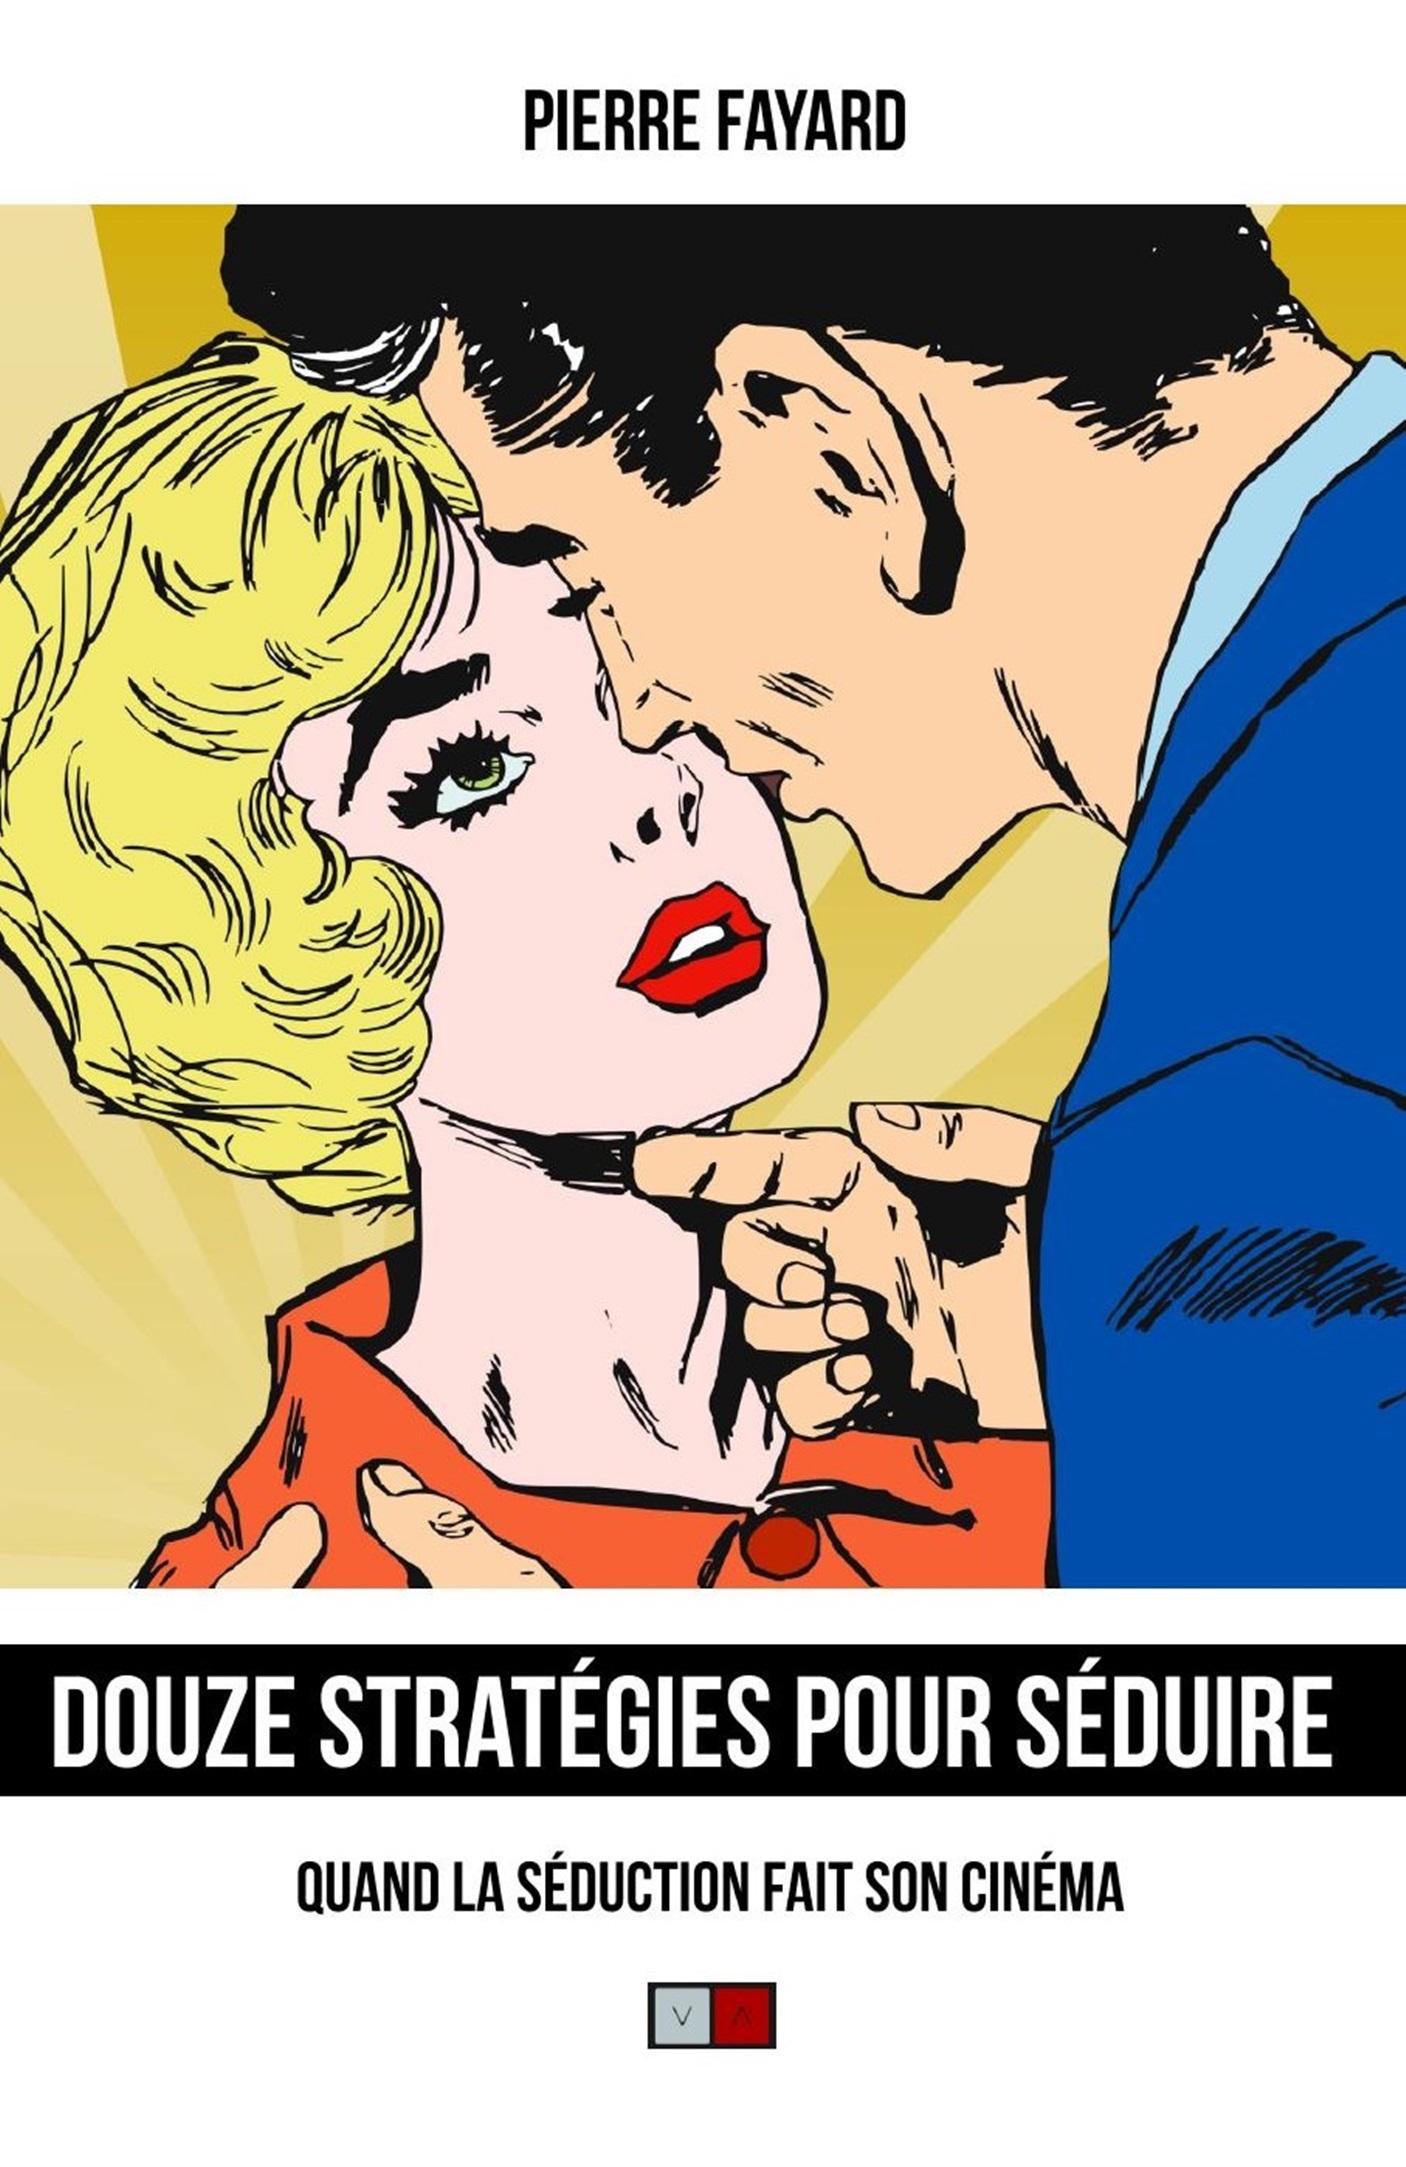 """Pierre Fayard dévoile ses """"Douze stratégies pour séduire"""""""